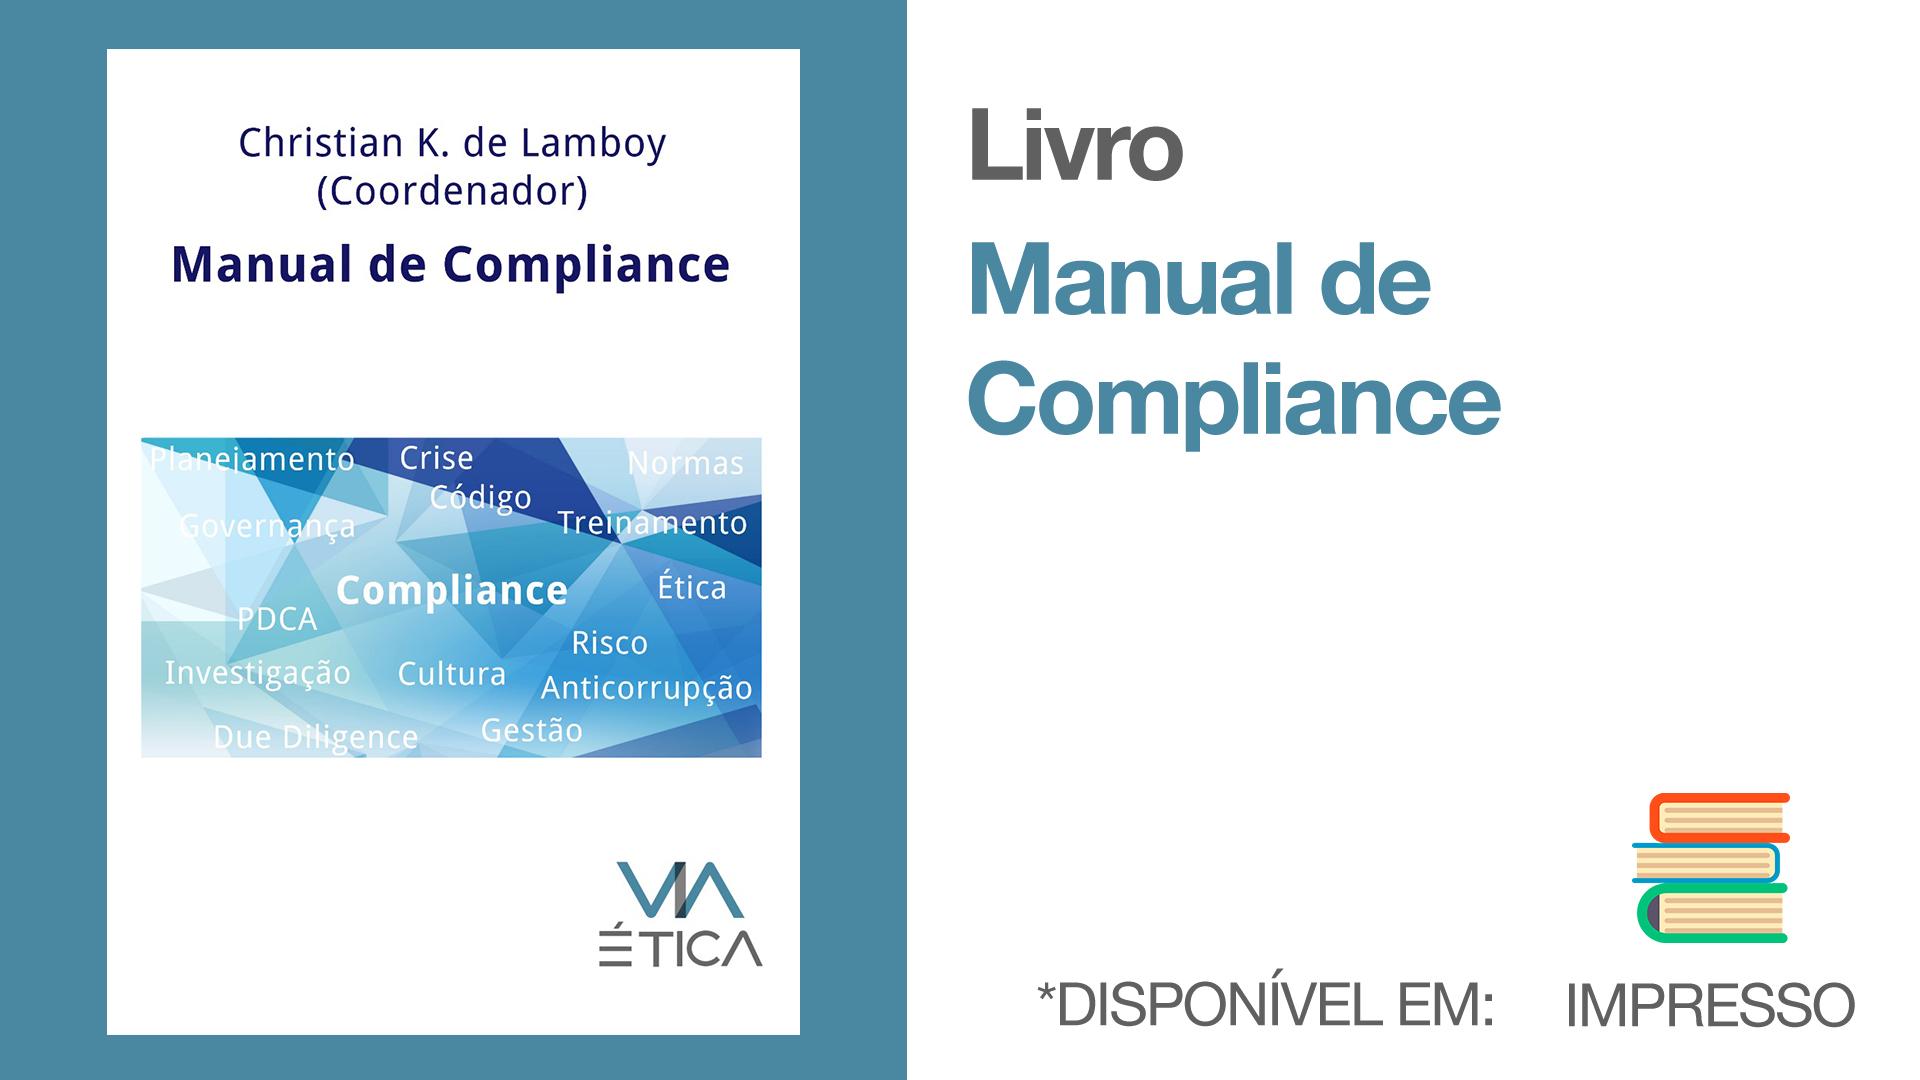 Livro Manual de Compliance